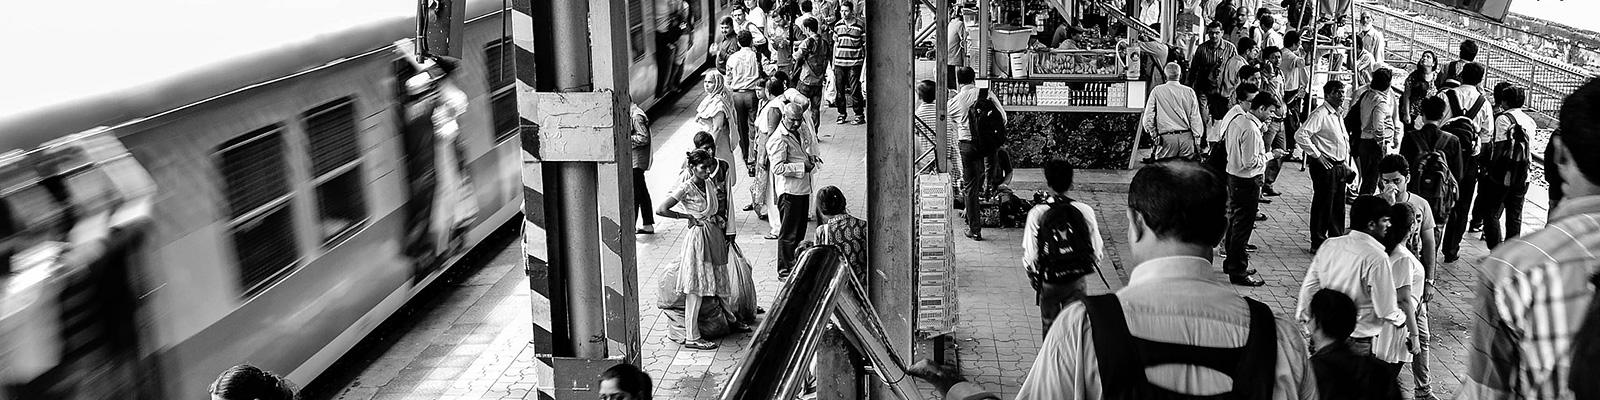 インド 駅